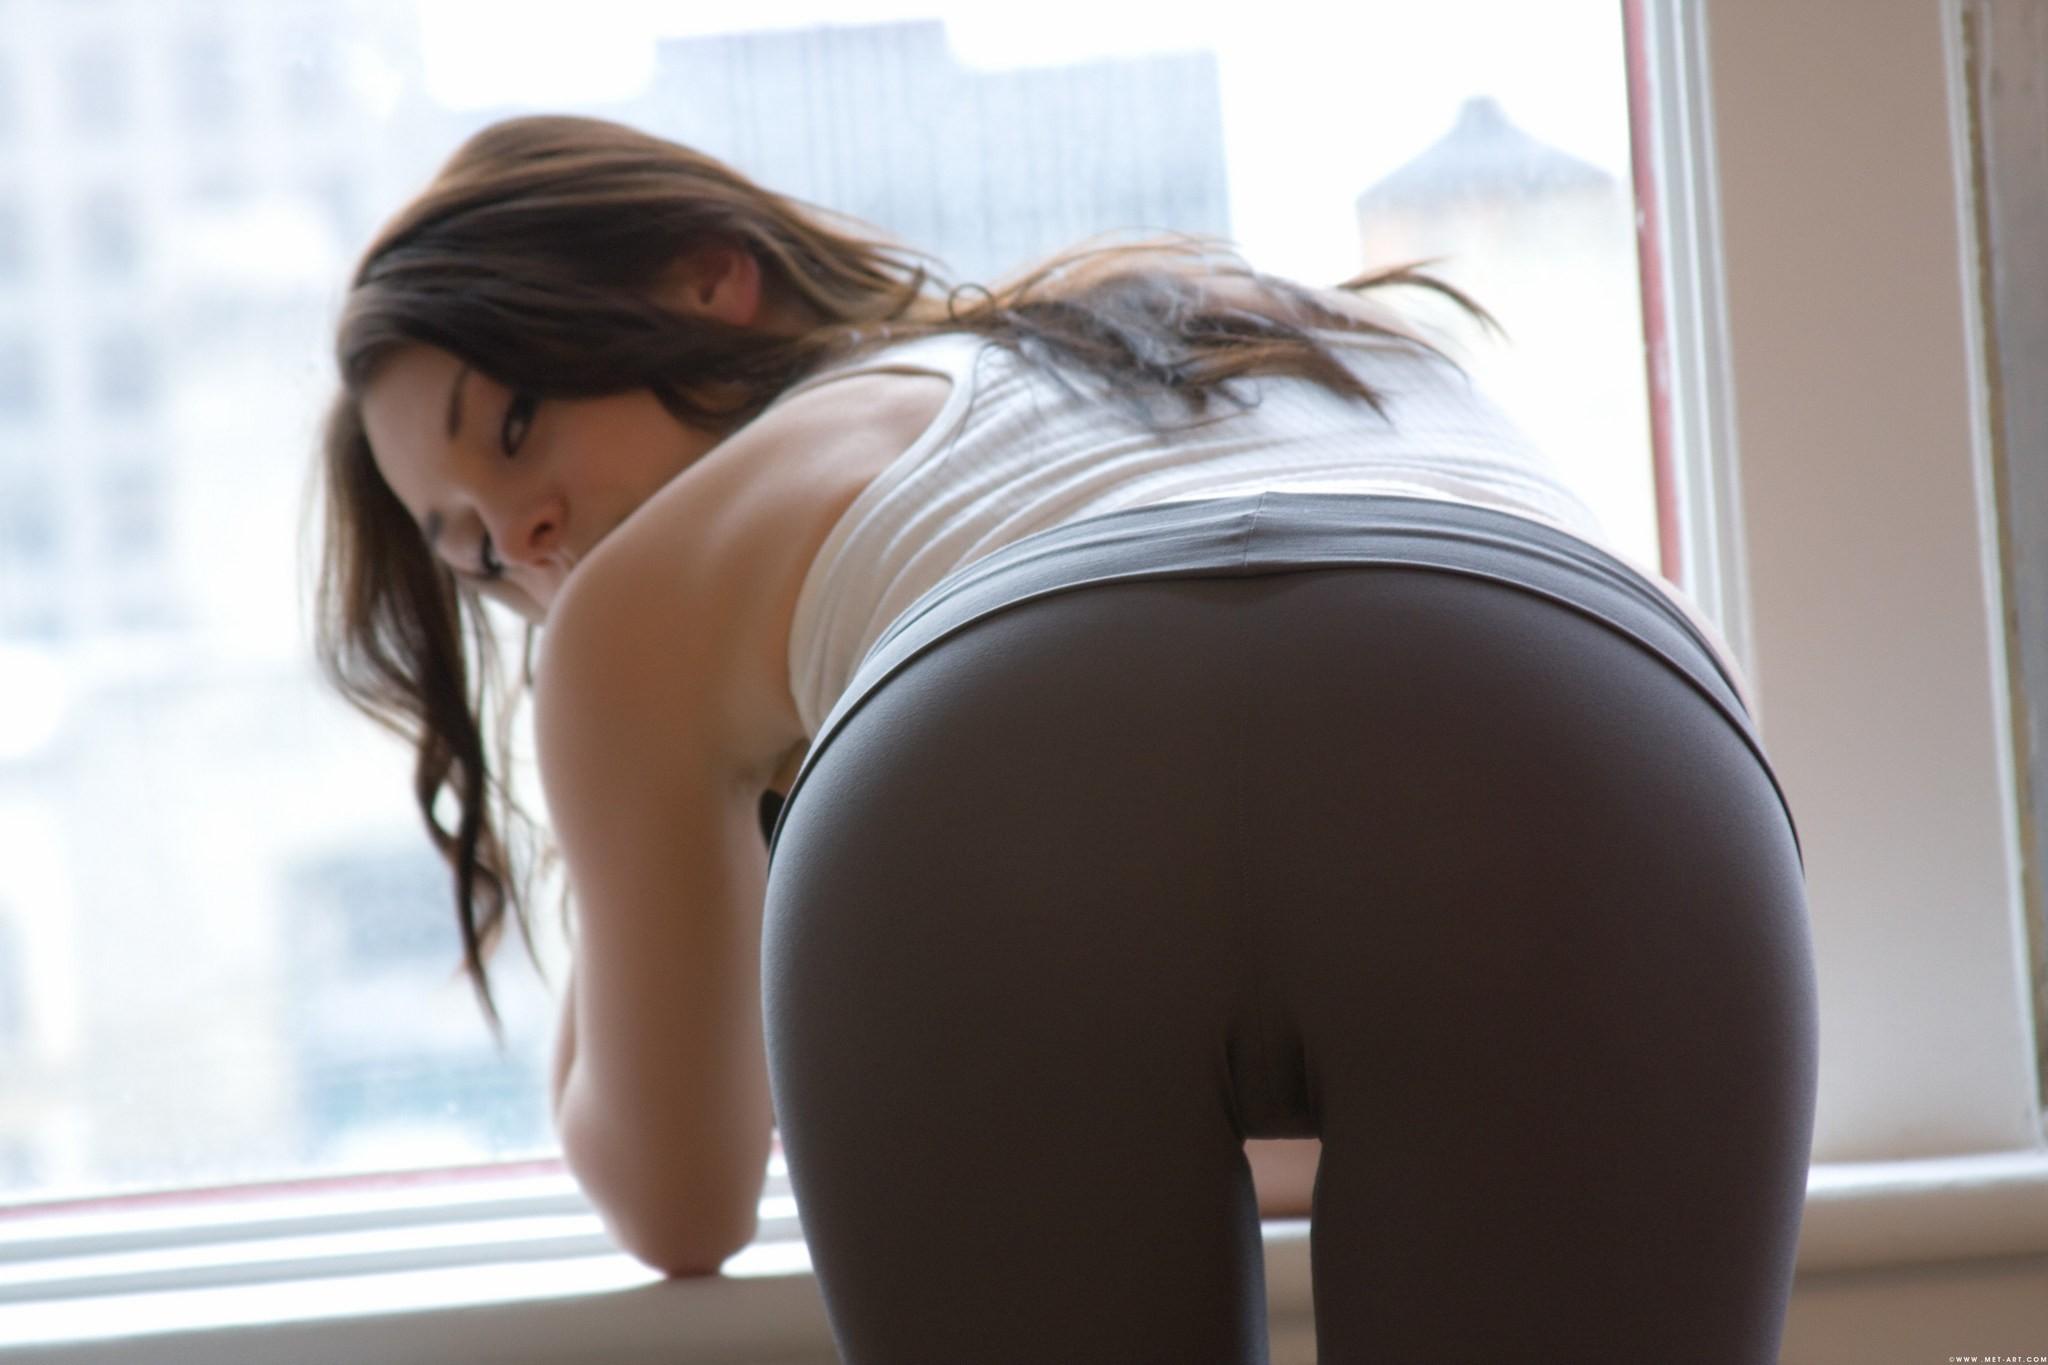 brunettes_women_ass_leggings_anna_demi_looking_back_desktop_2048x1365_hd-wallpaper-864758.jpg